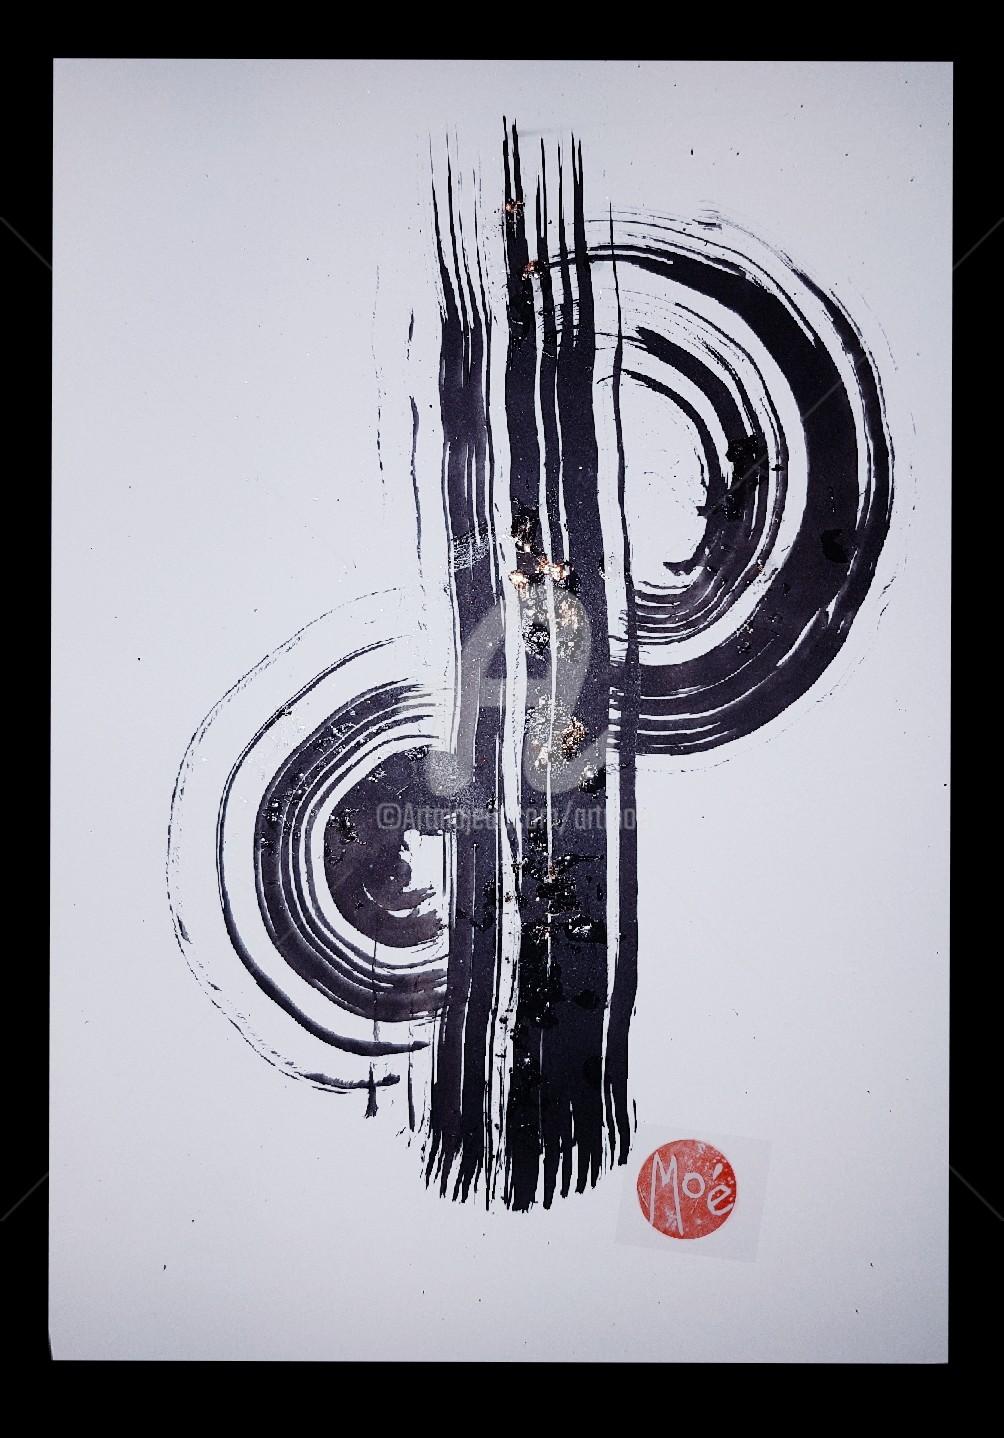 Art Moé - Contemporary Sumi-e